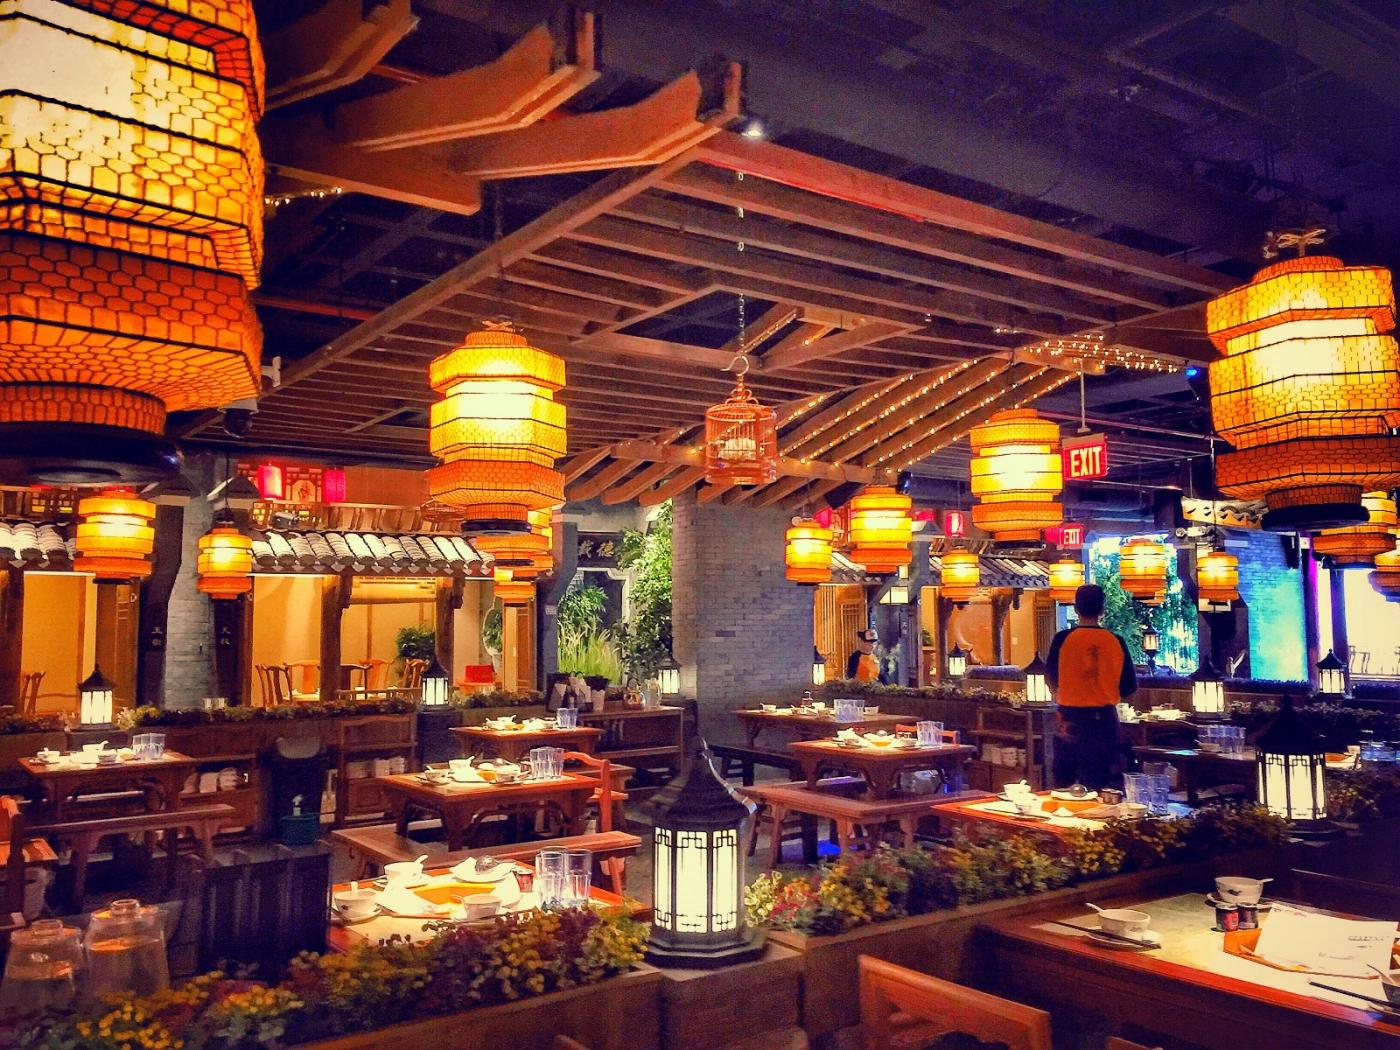 【盲流摄影】纽约法拉盛的中餐馆品味在提升-手机摄影_图1-15